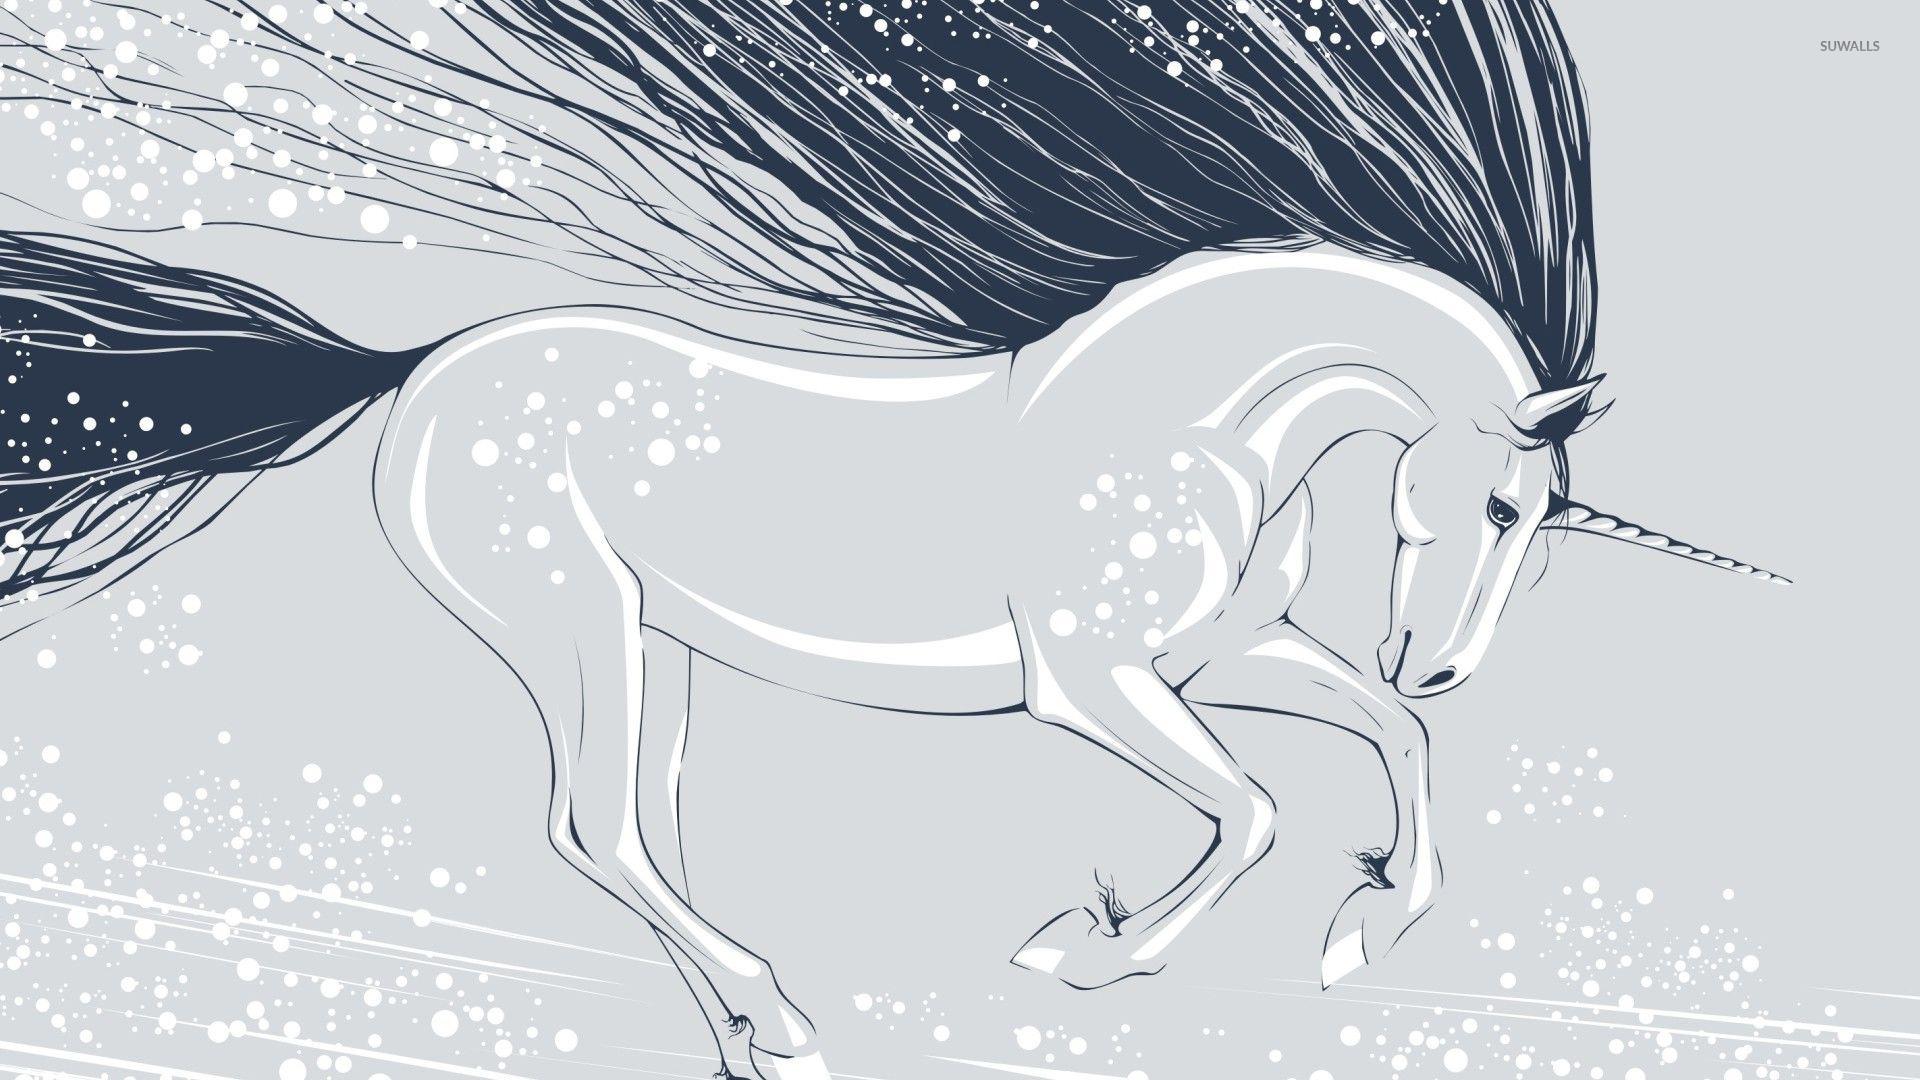 Unicorn wallpaper   Vector wallpapers   22074 1366x768